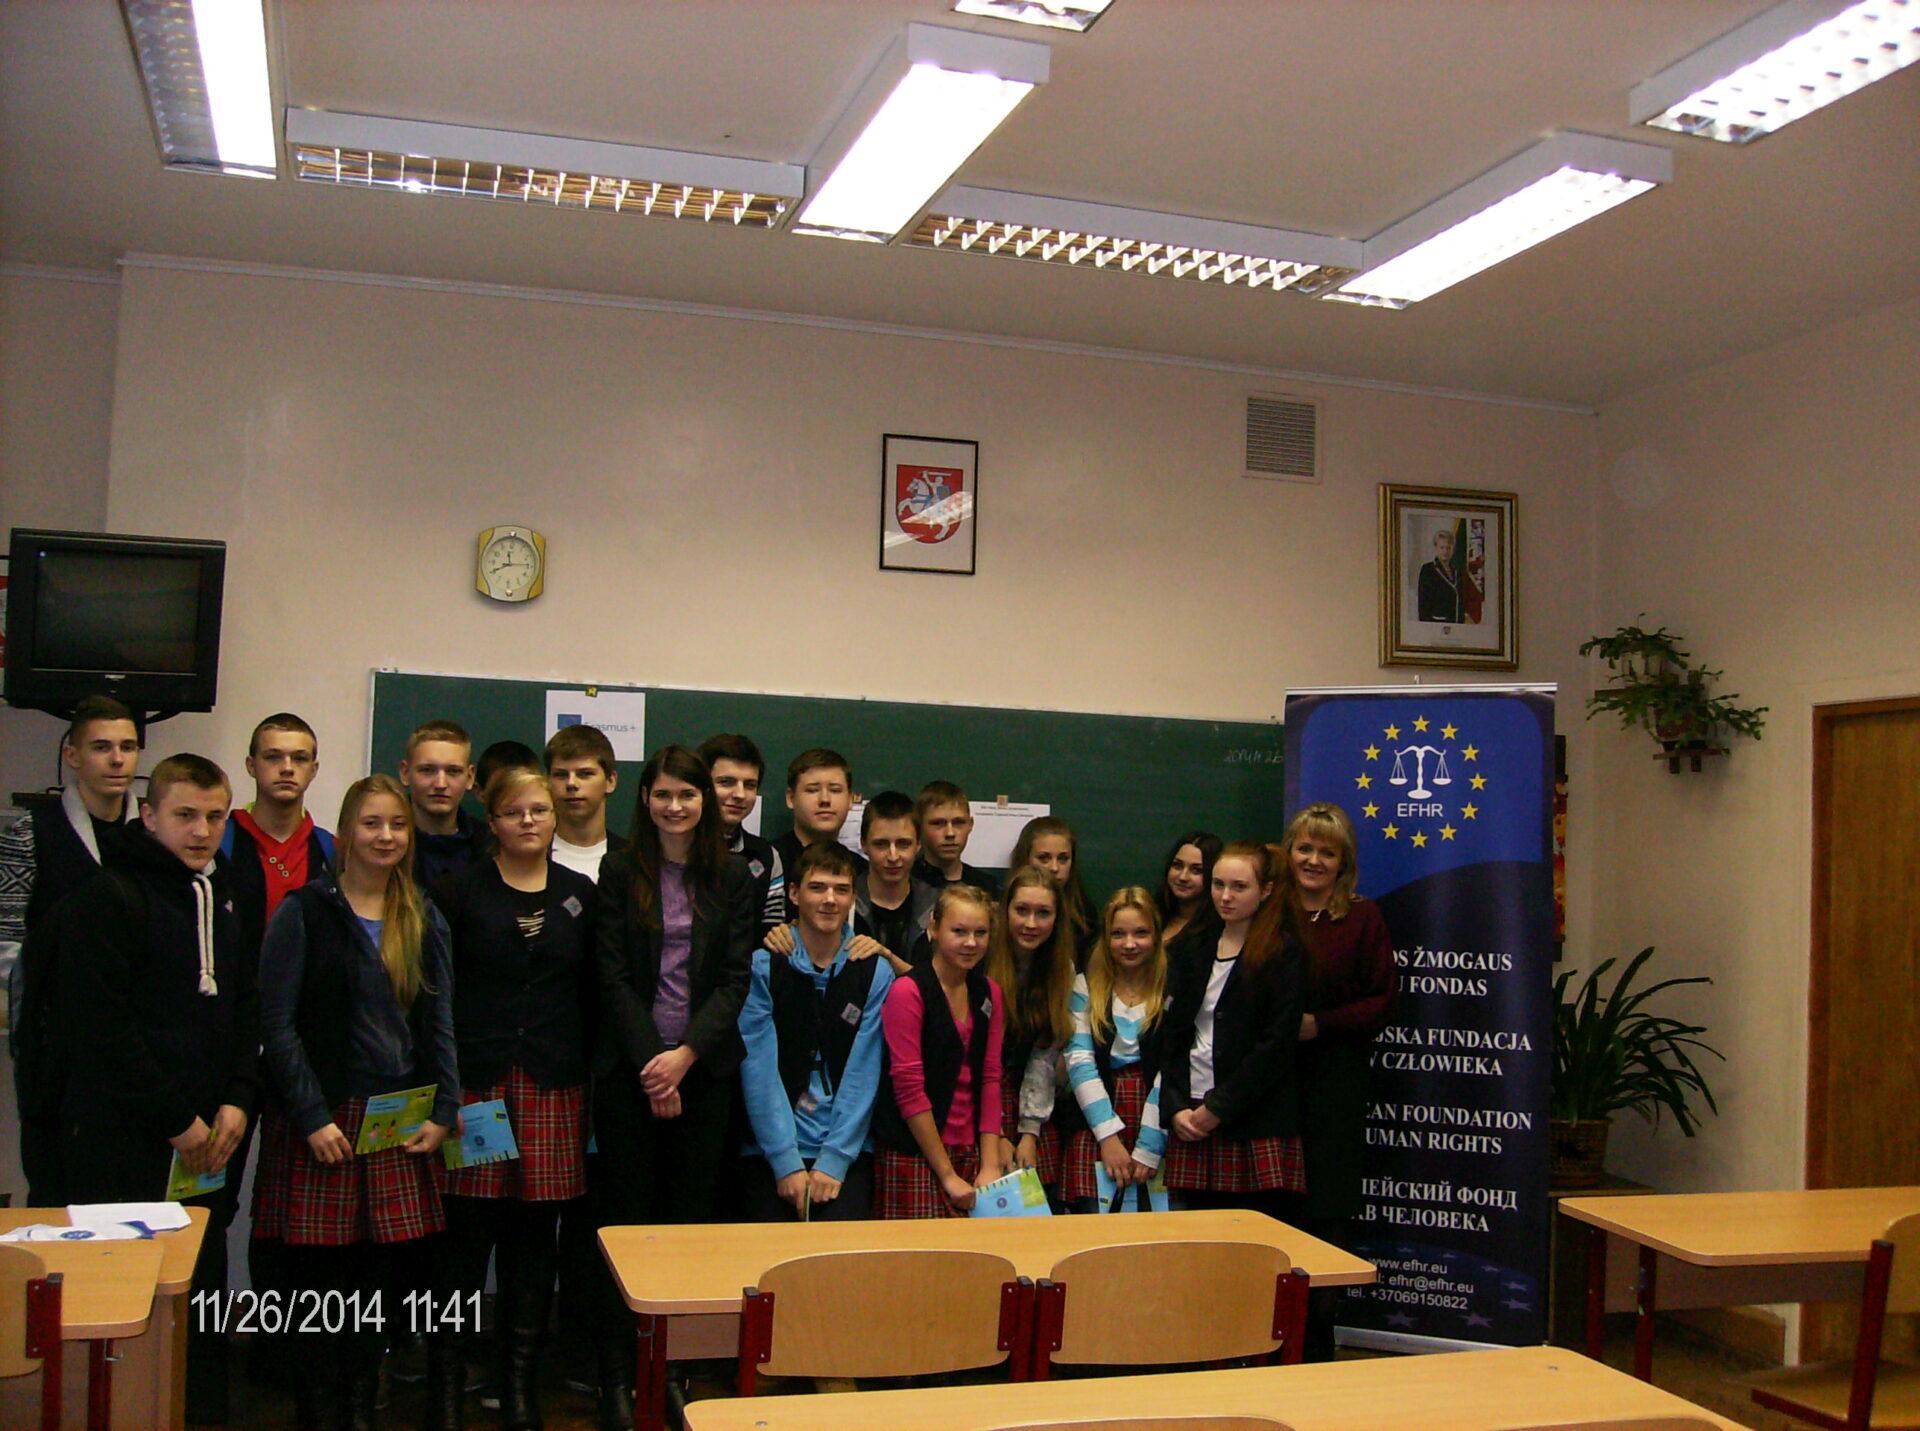 EFHR przeprowadziła warsztaty na temat praw człowieka w szkołach polskich